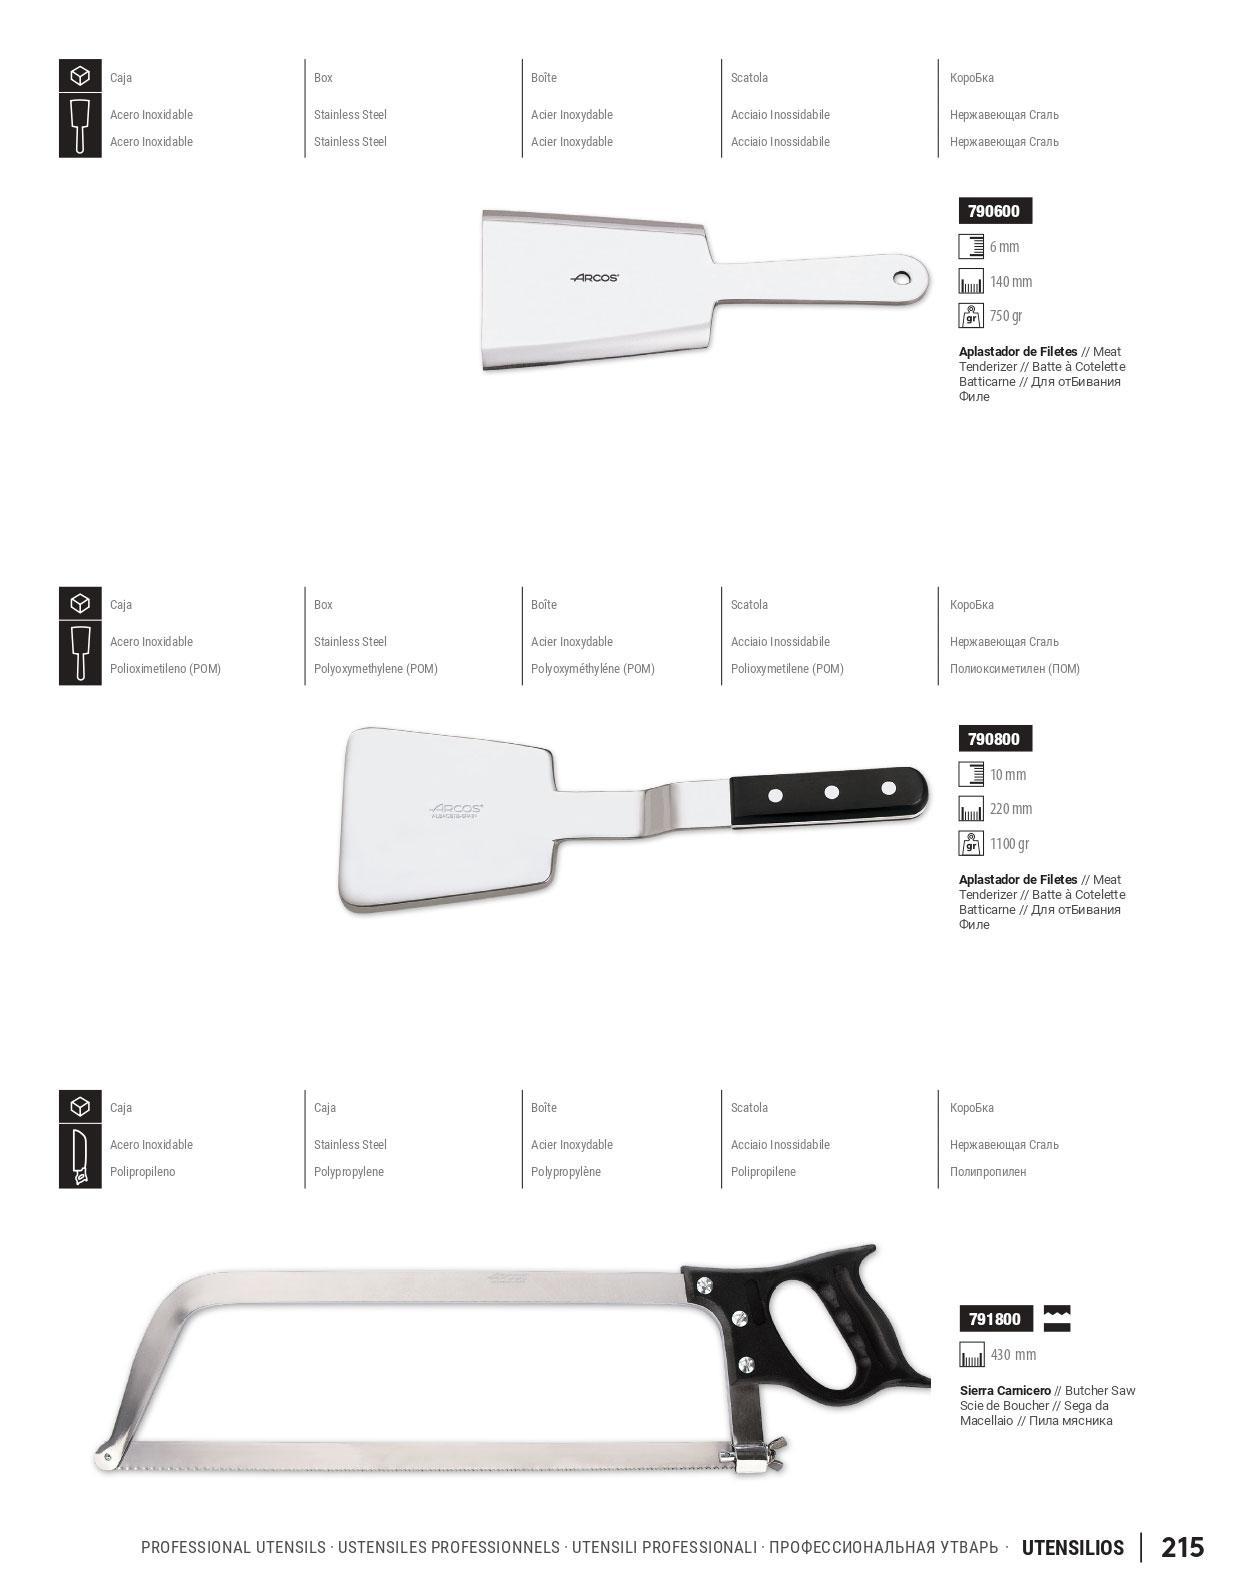 Cuchilleria profesional cocinero utensilios cocina for Cuchilleria profesional cocina